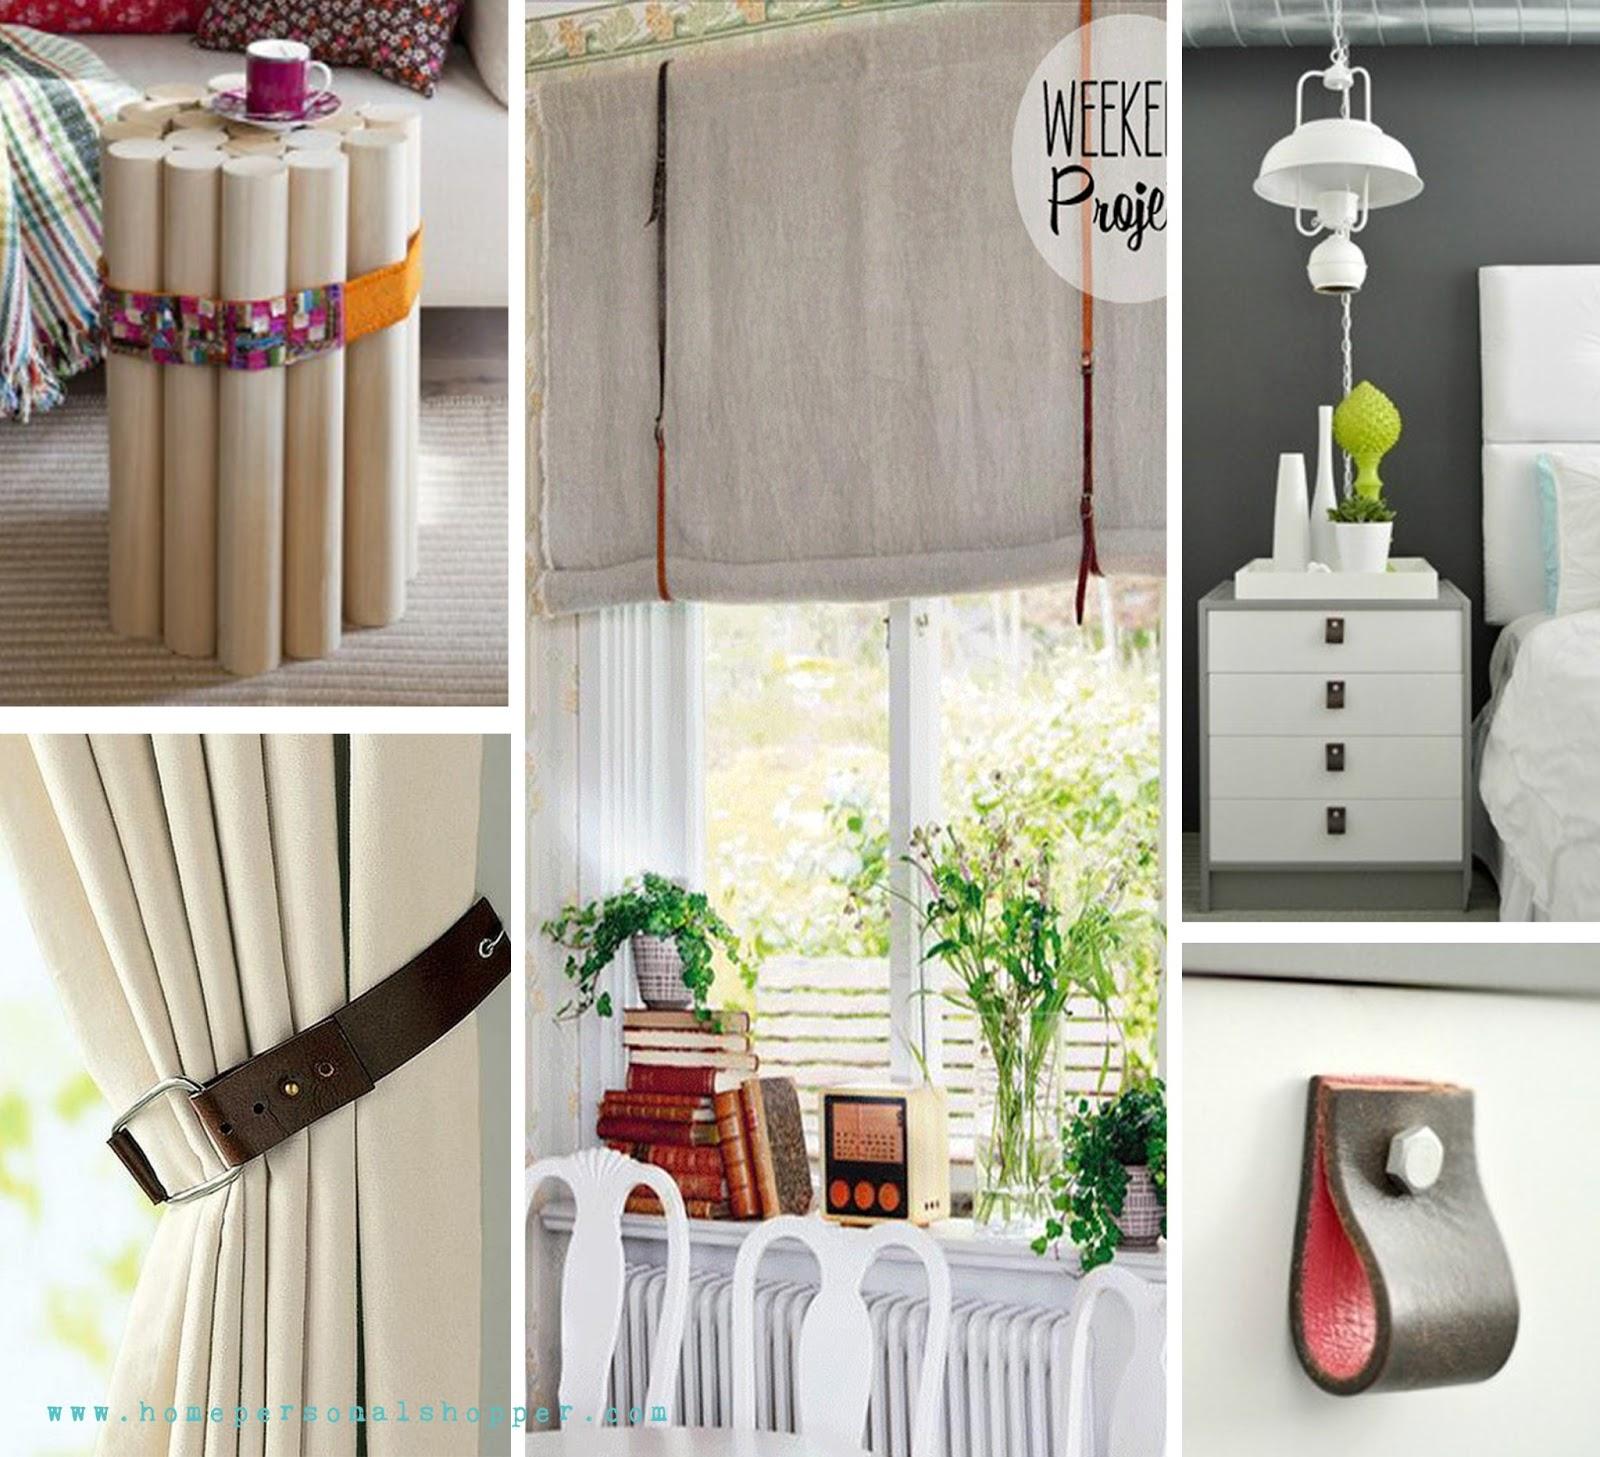 Reutiliza tus cinturones bricolaje for Decoracion reciclaje interiores